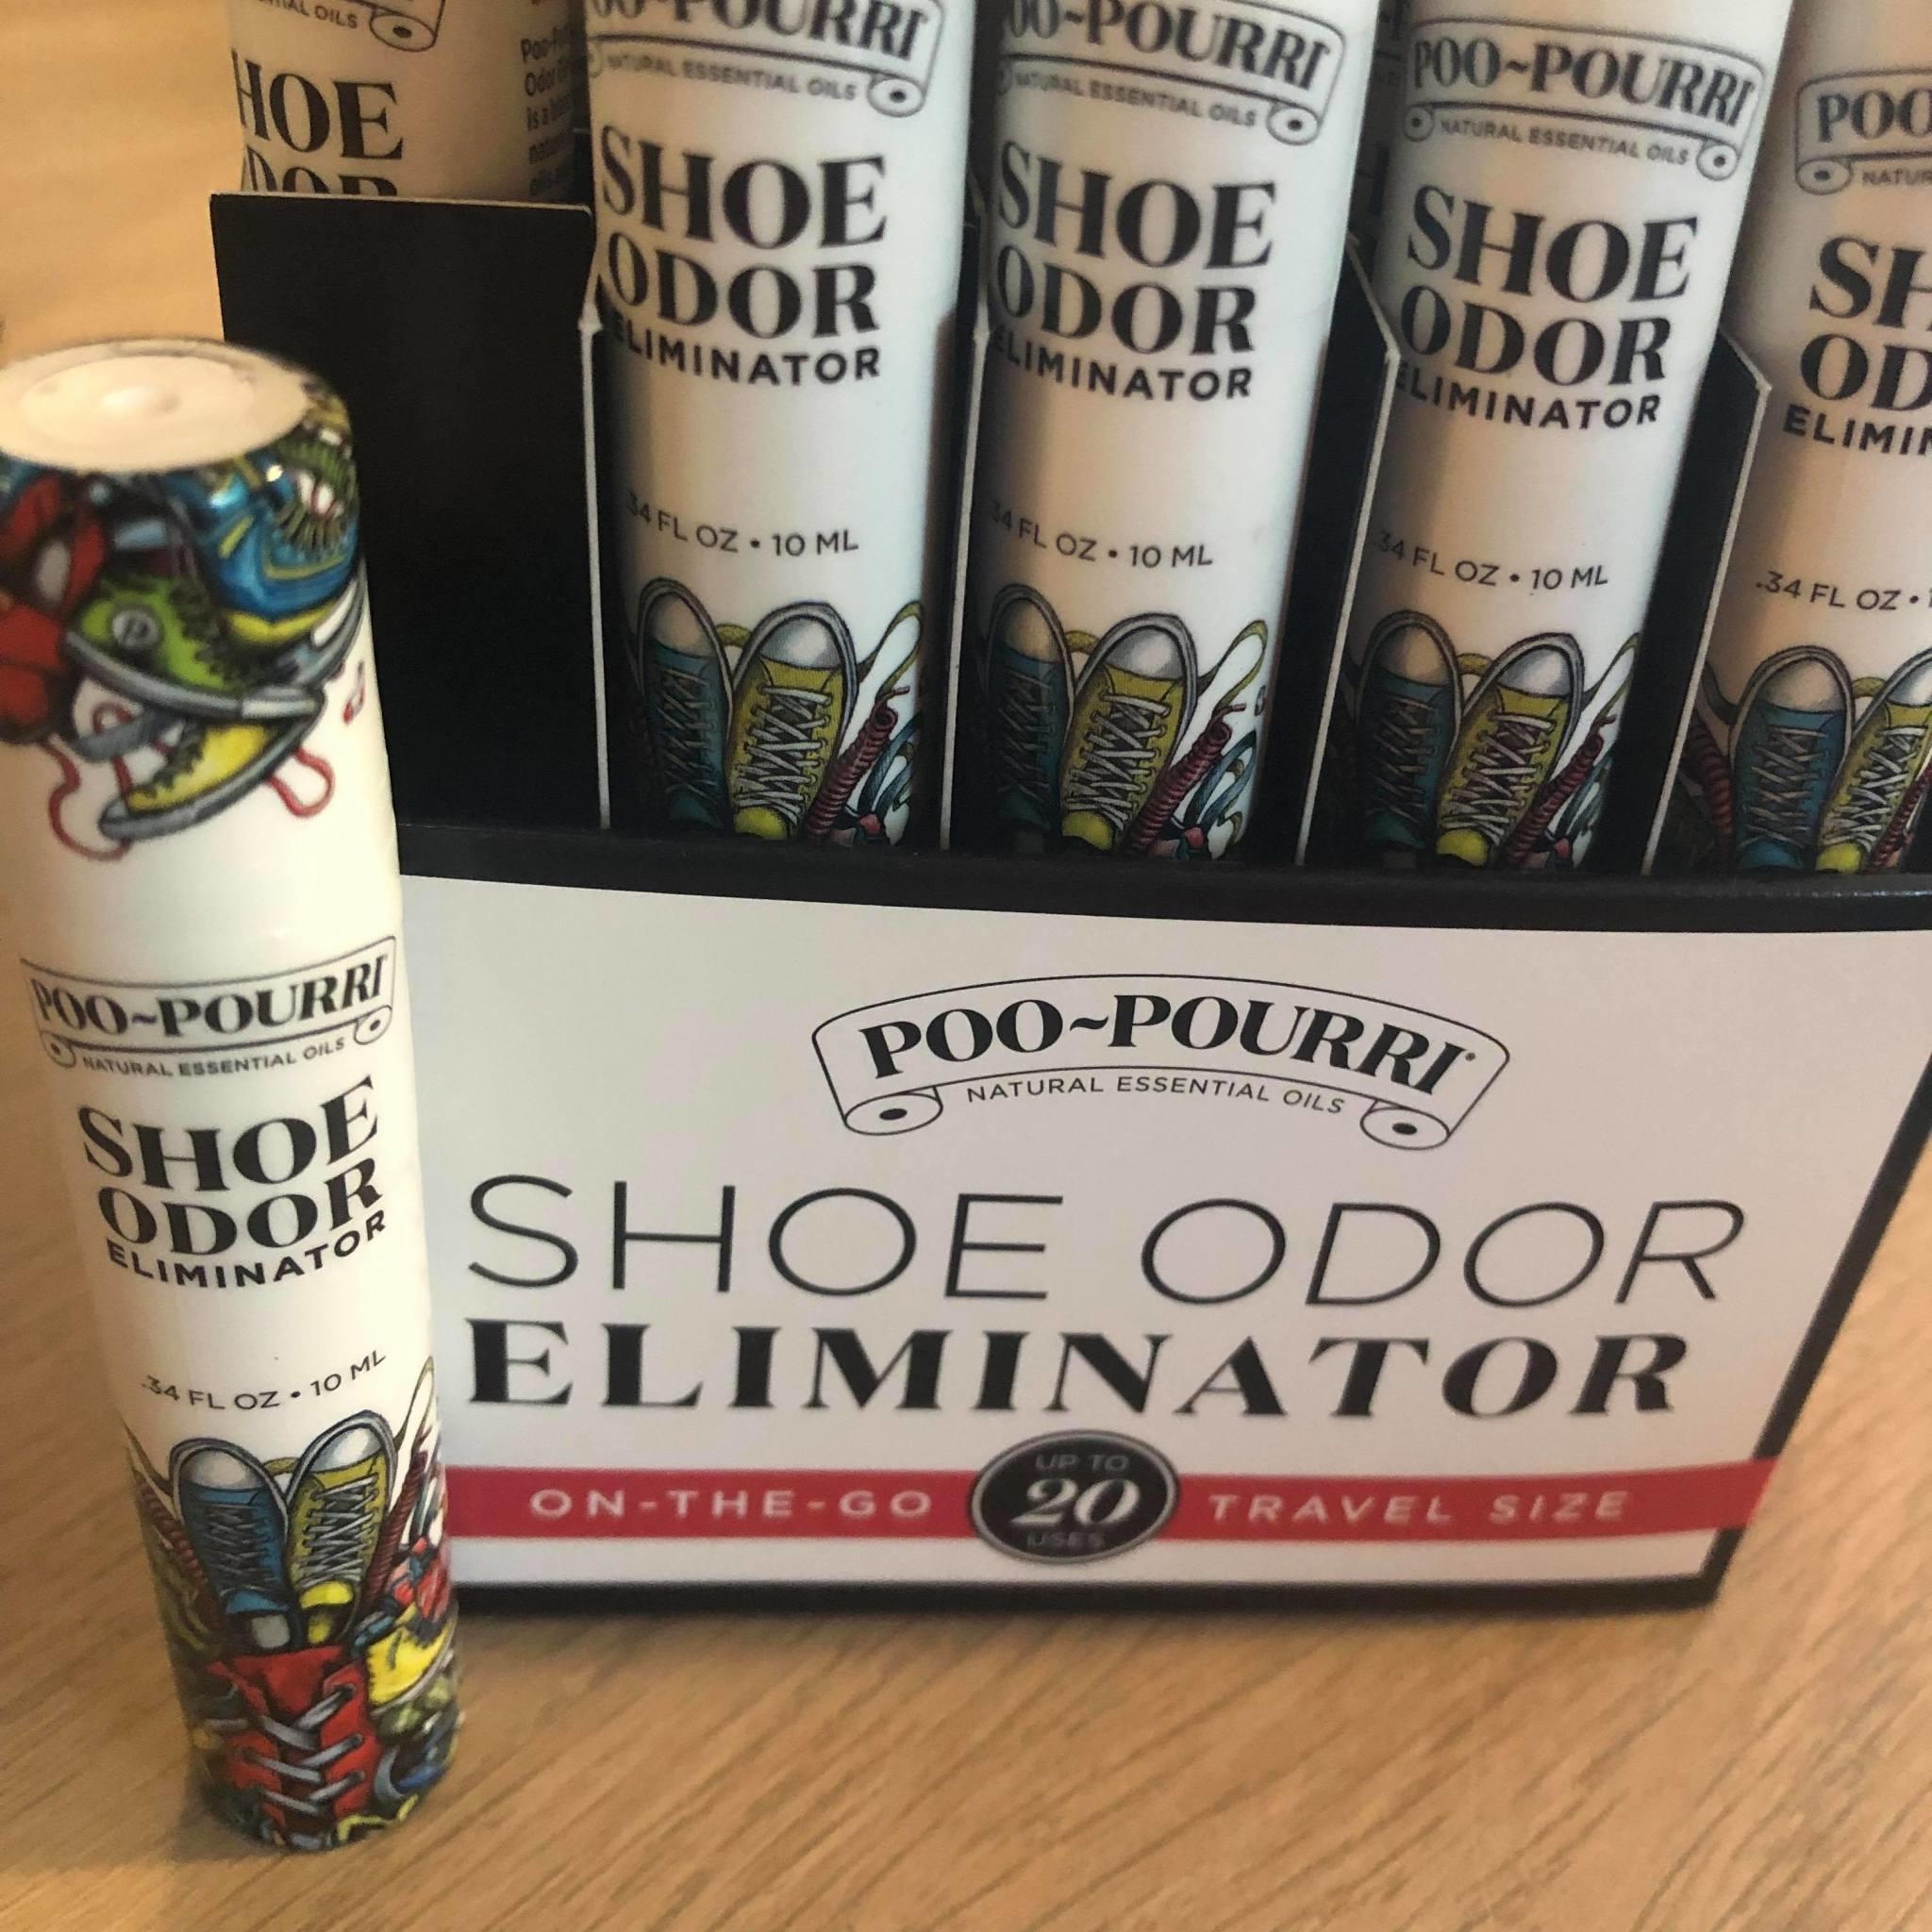 Poo-Pourri Shoe Odor Eliminator - 10ml